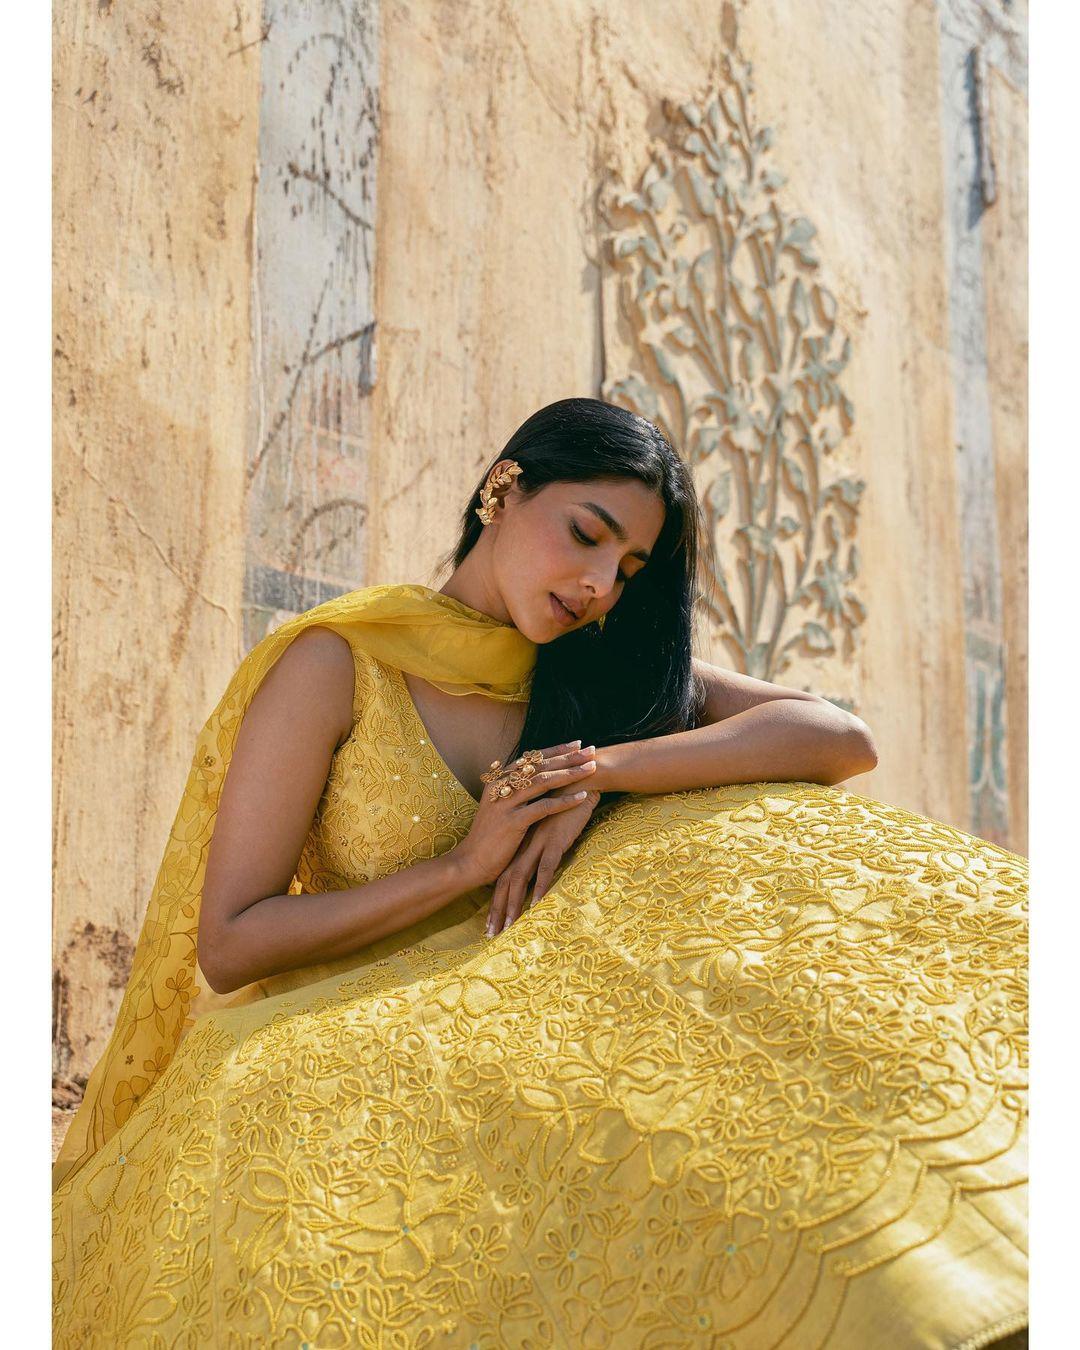 தனுஷ் நடித்திருக்கும் 'ஜகமே தந்திரம்' படத்தில் ஹீரோயினாக நடித்திருப்பவர் நடிகை ஐஸ்வர்யா லெக்ஷ்மி.